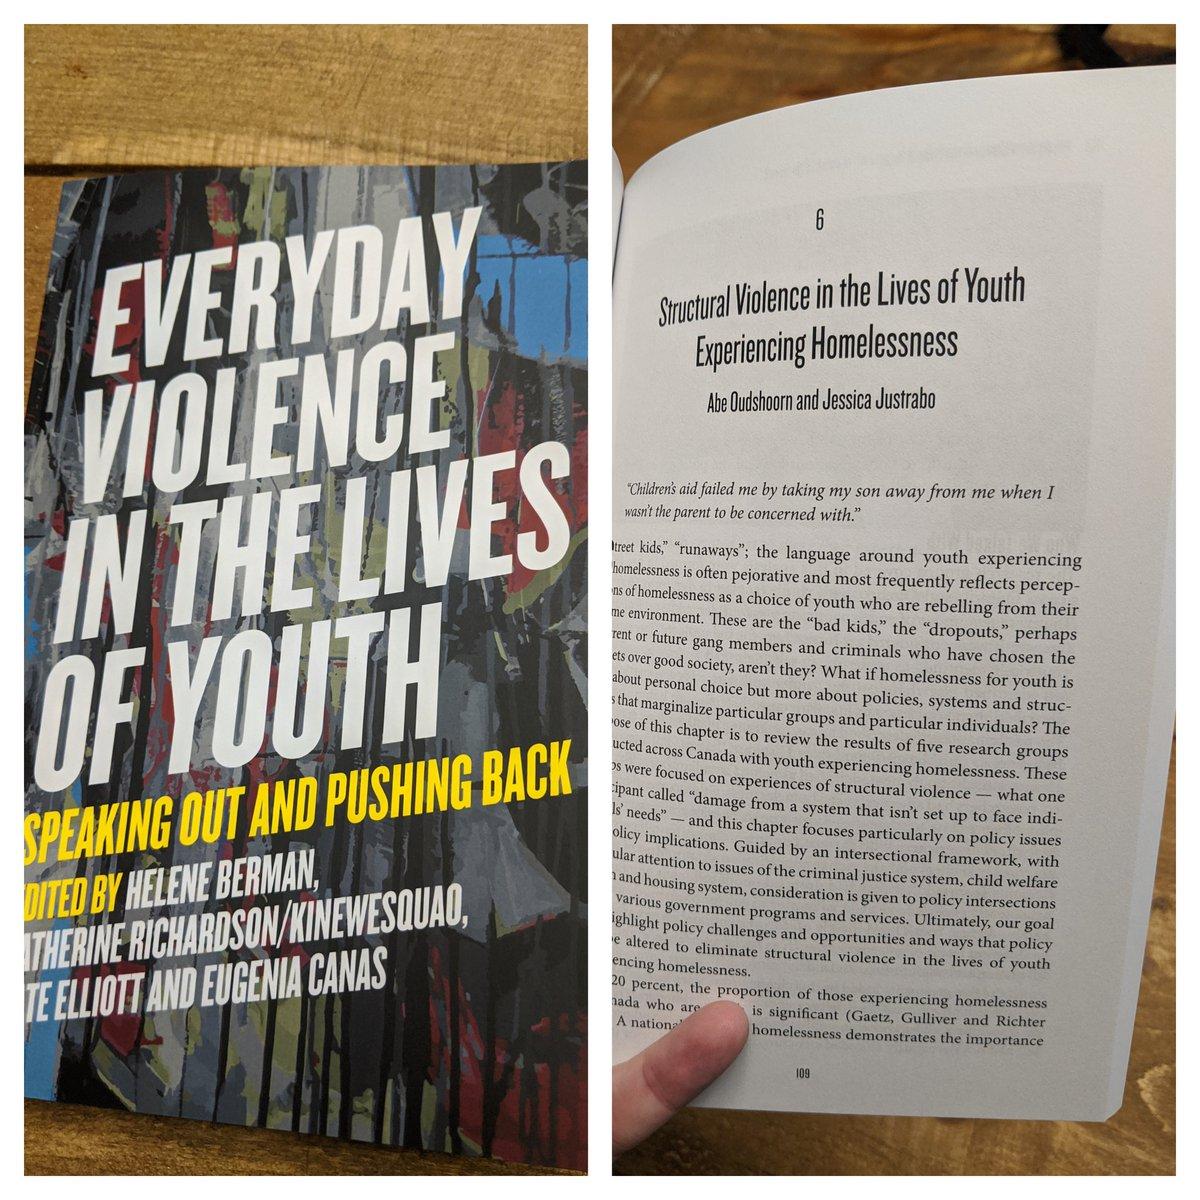 New publication out! @fernpub fernwoodpublishing.ca/book/everyday-…